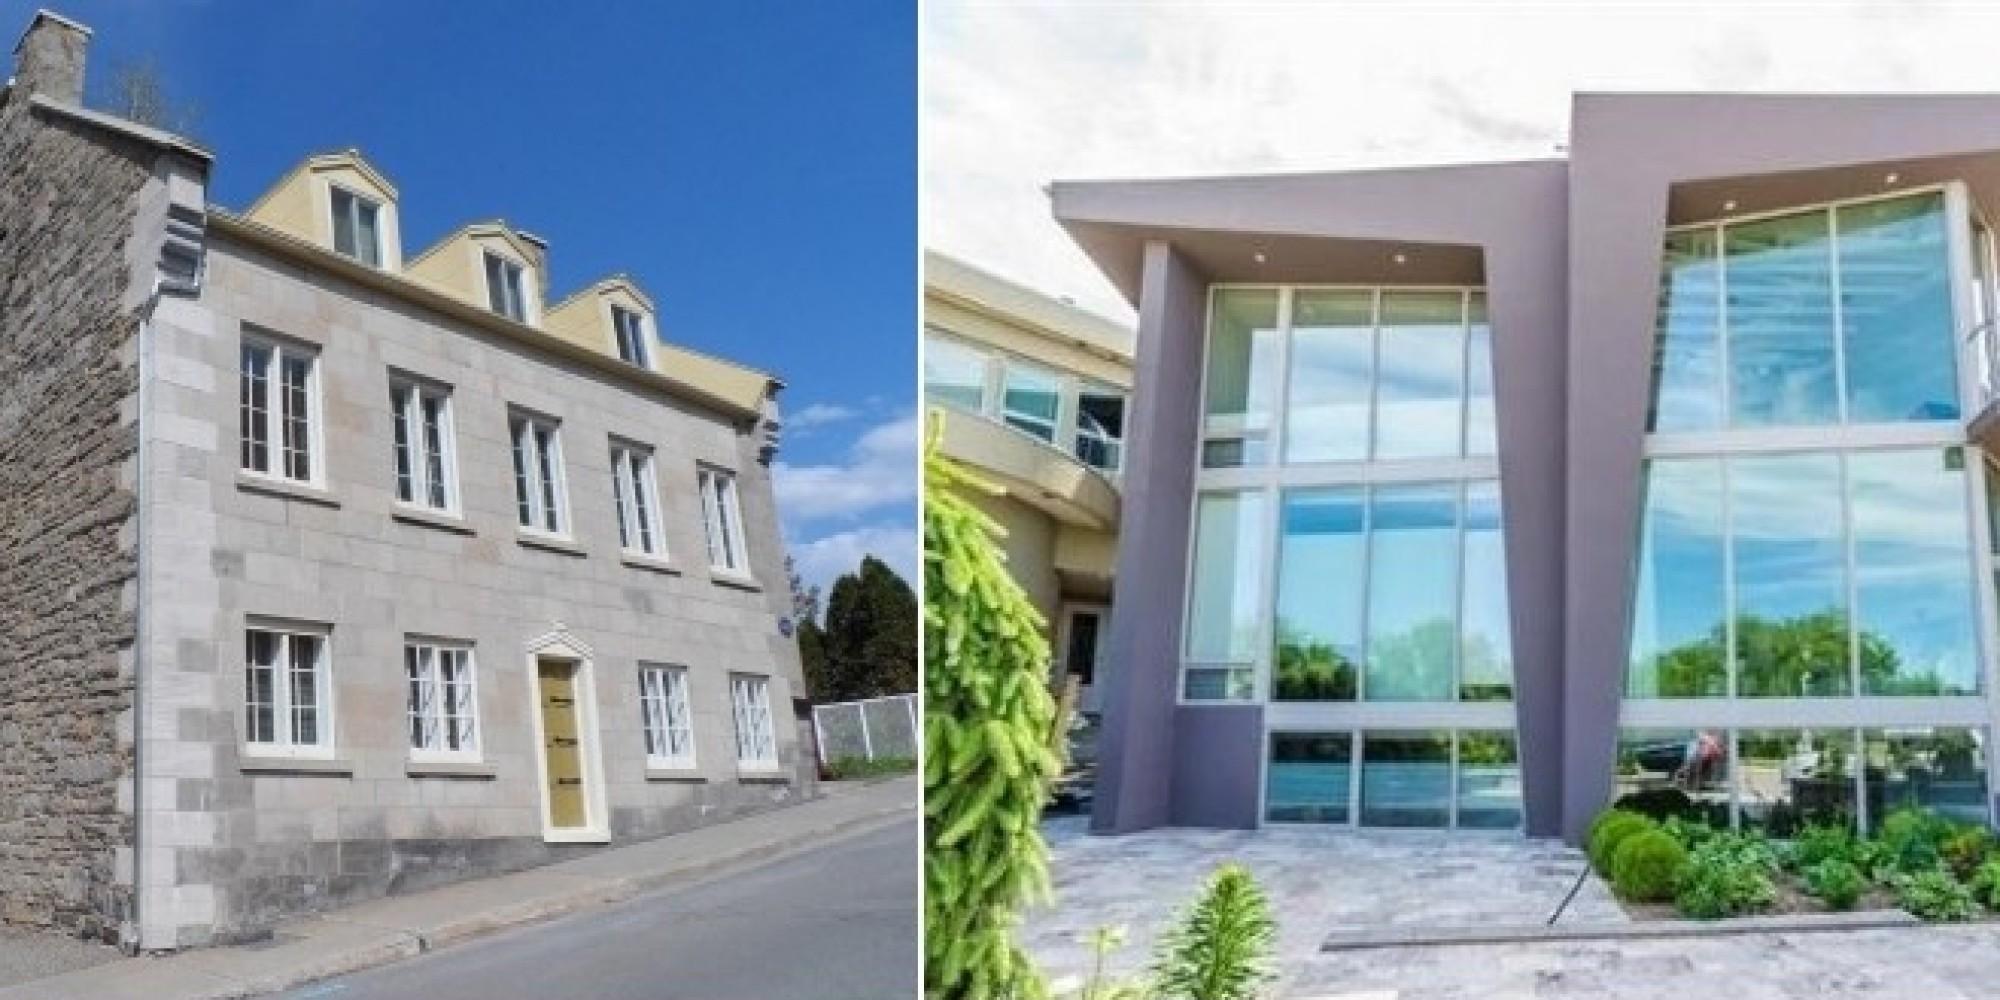 Canada maison a acheter for Acheter une maison au canada conditions